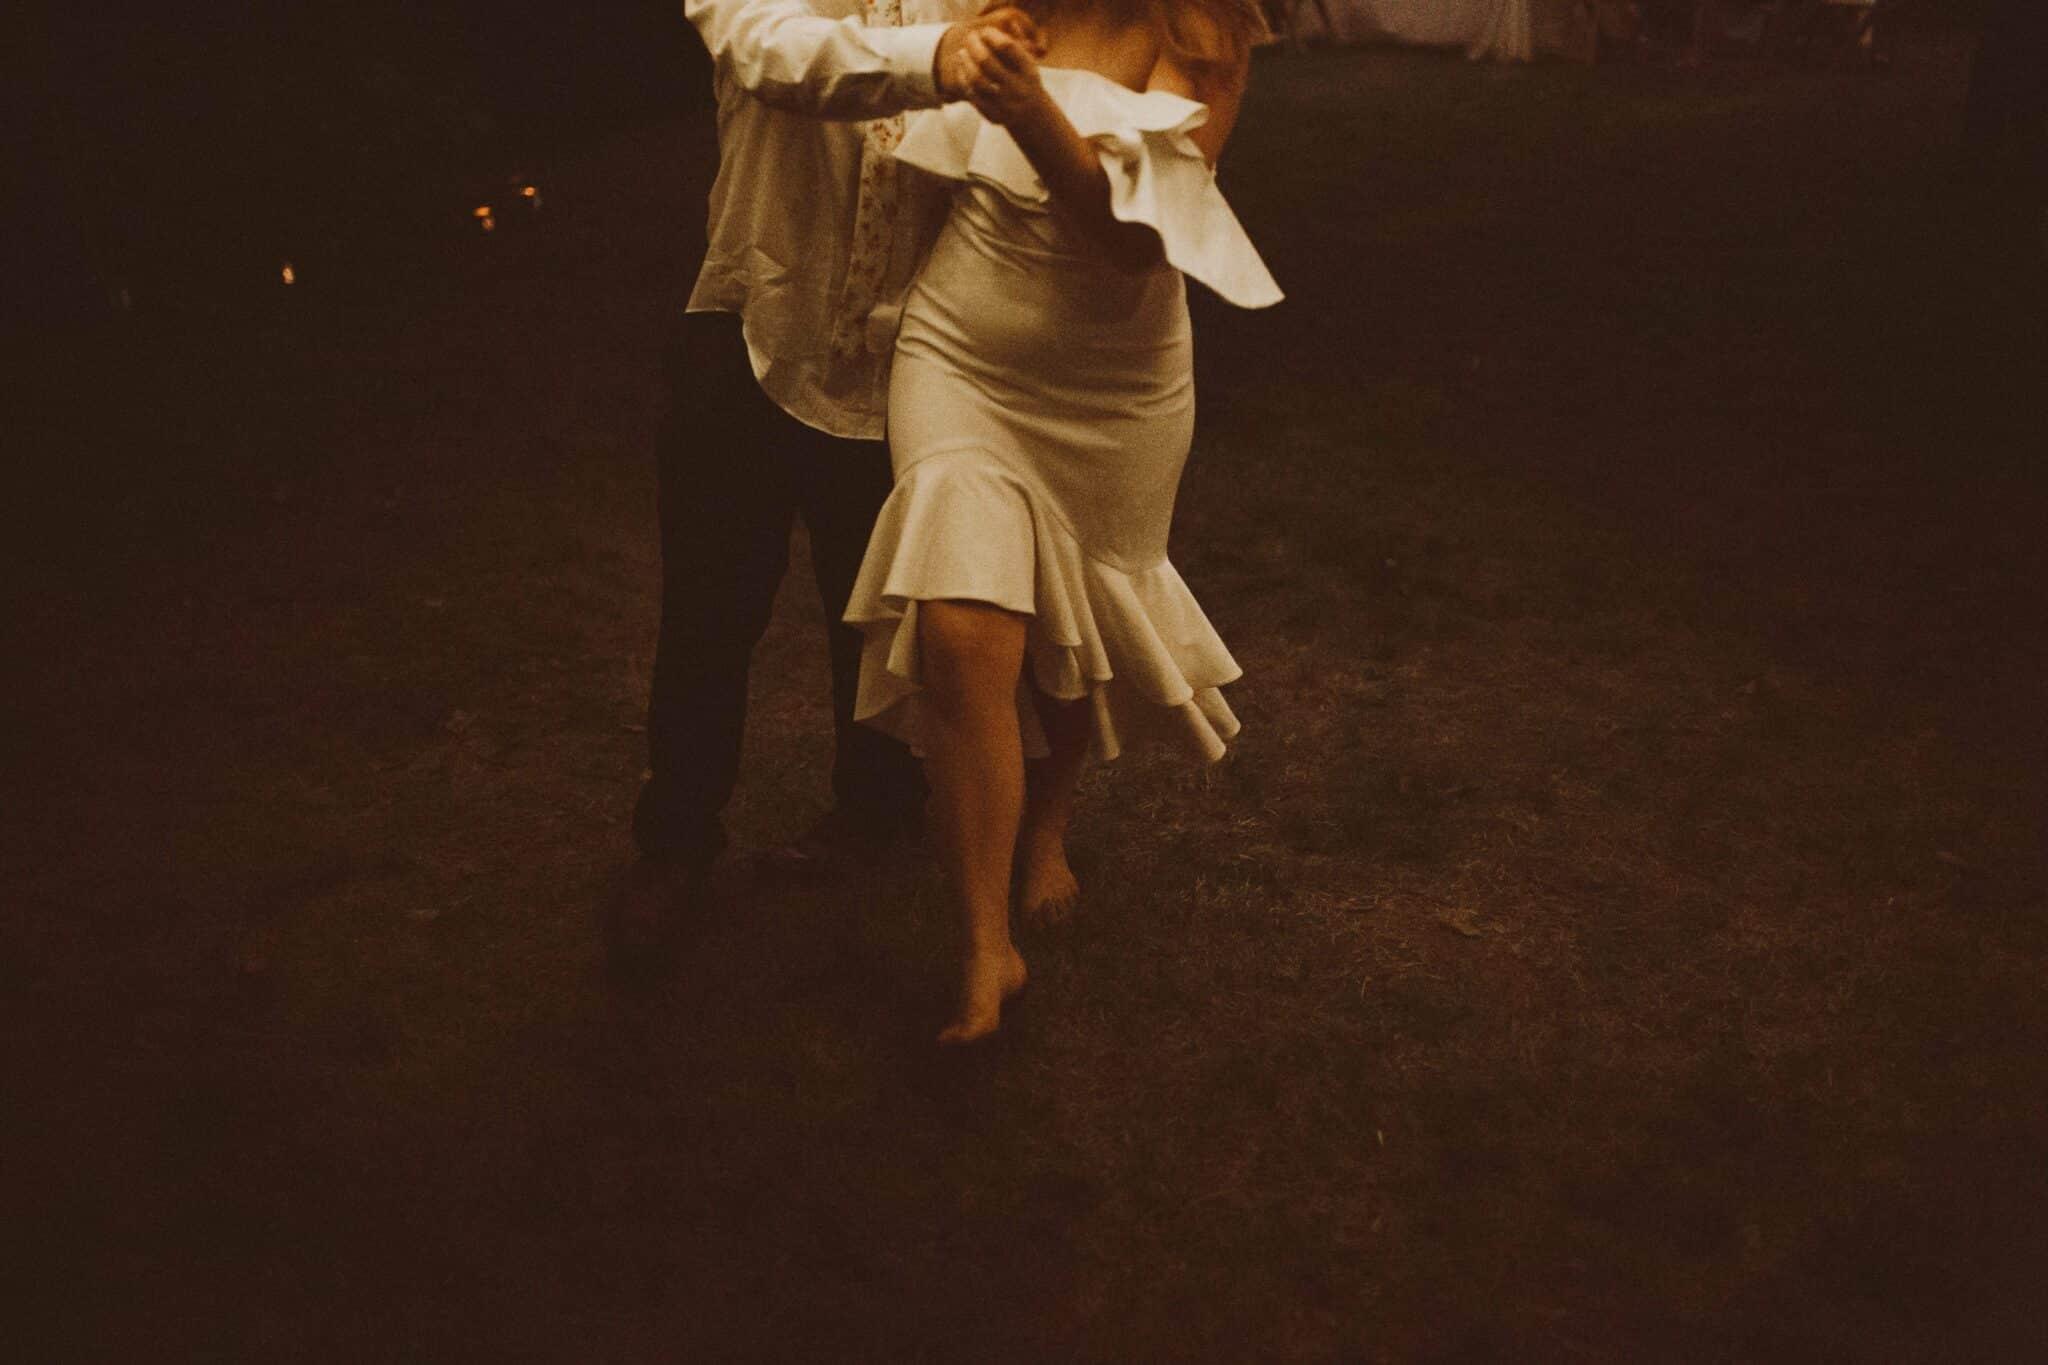 bride groom dancing barefoot